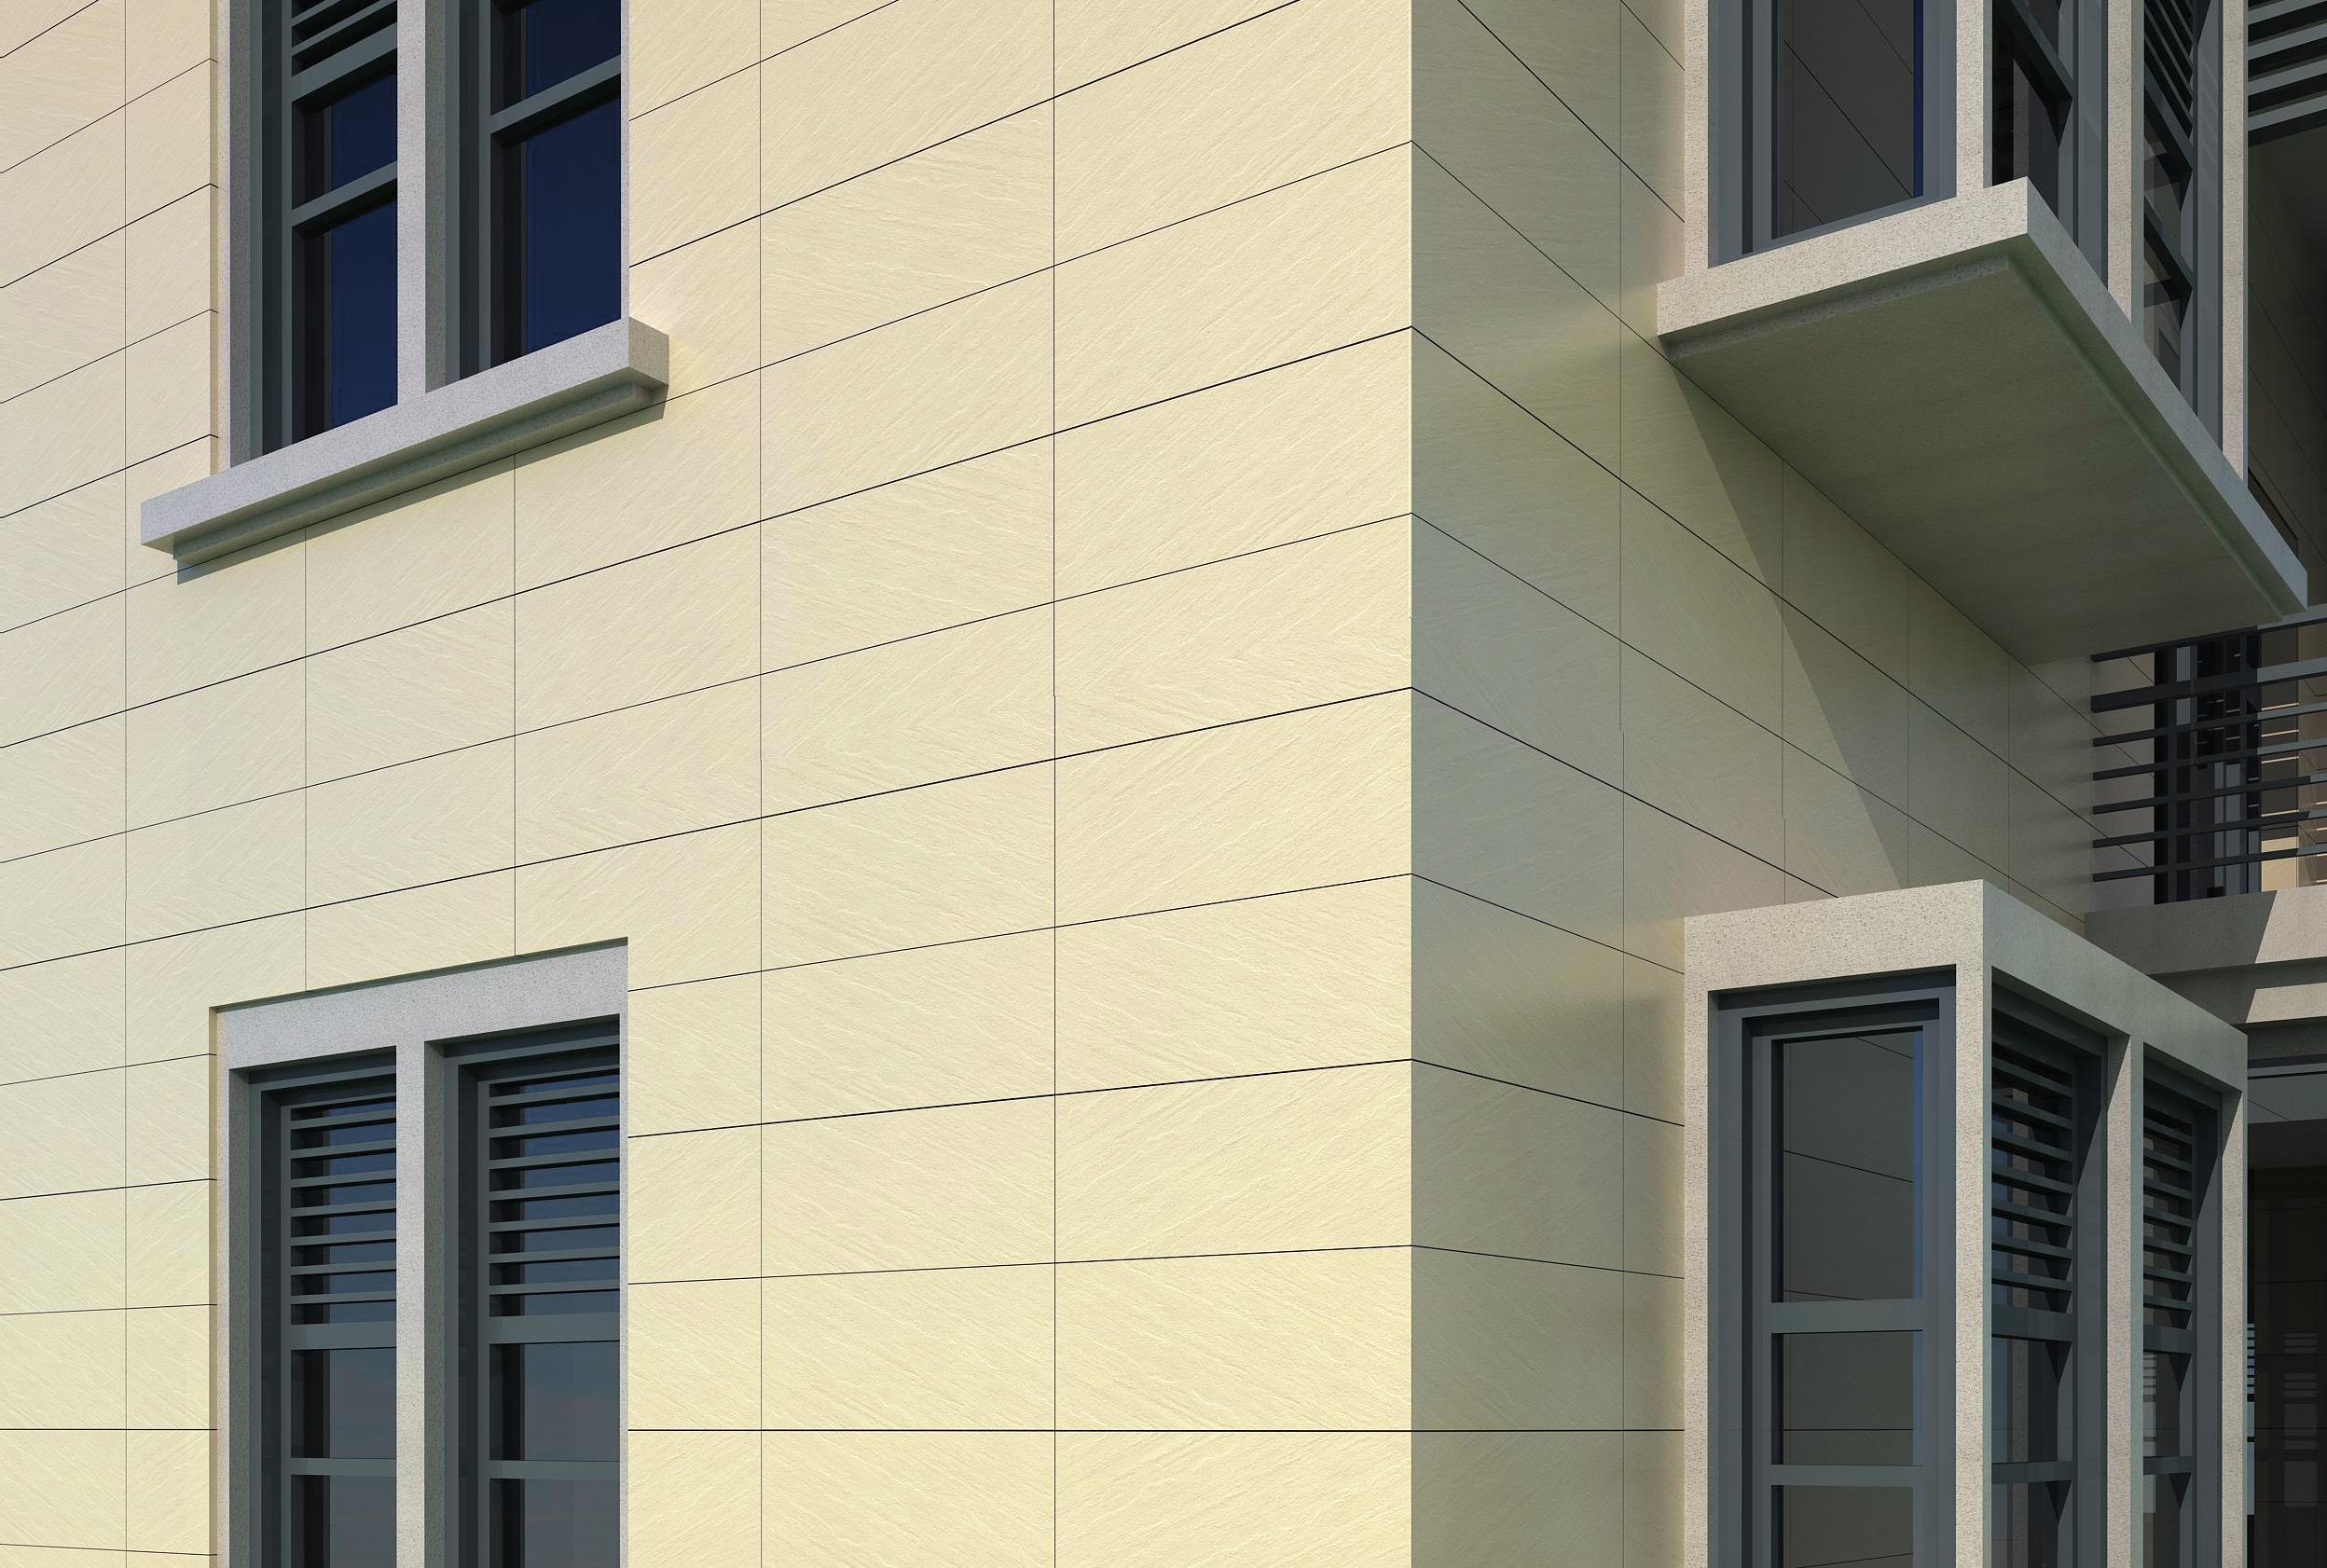 通體薄板外墻磚如何干掛施工,施工需要注意哪些?